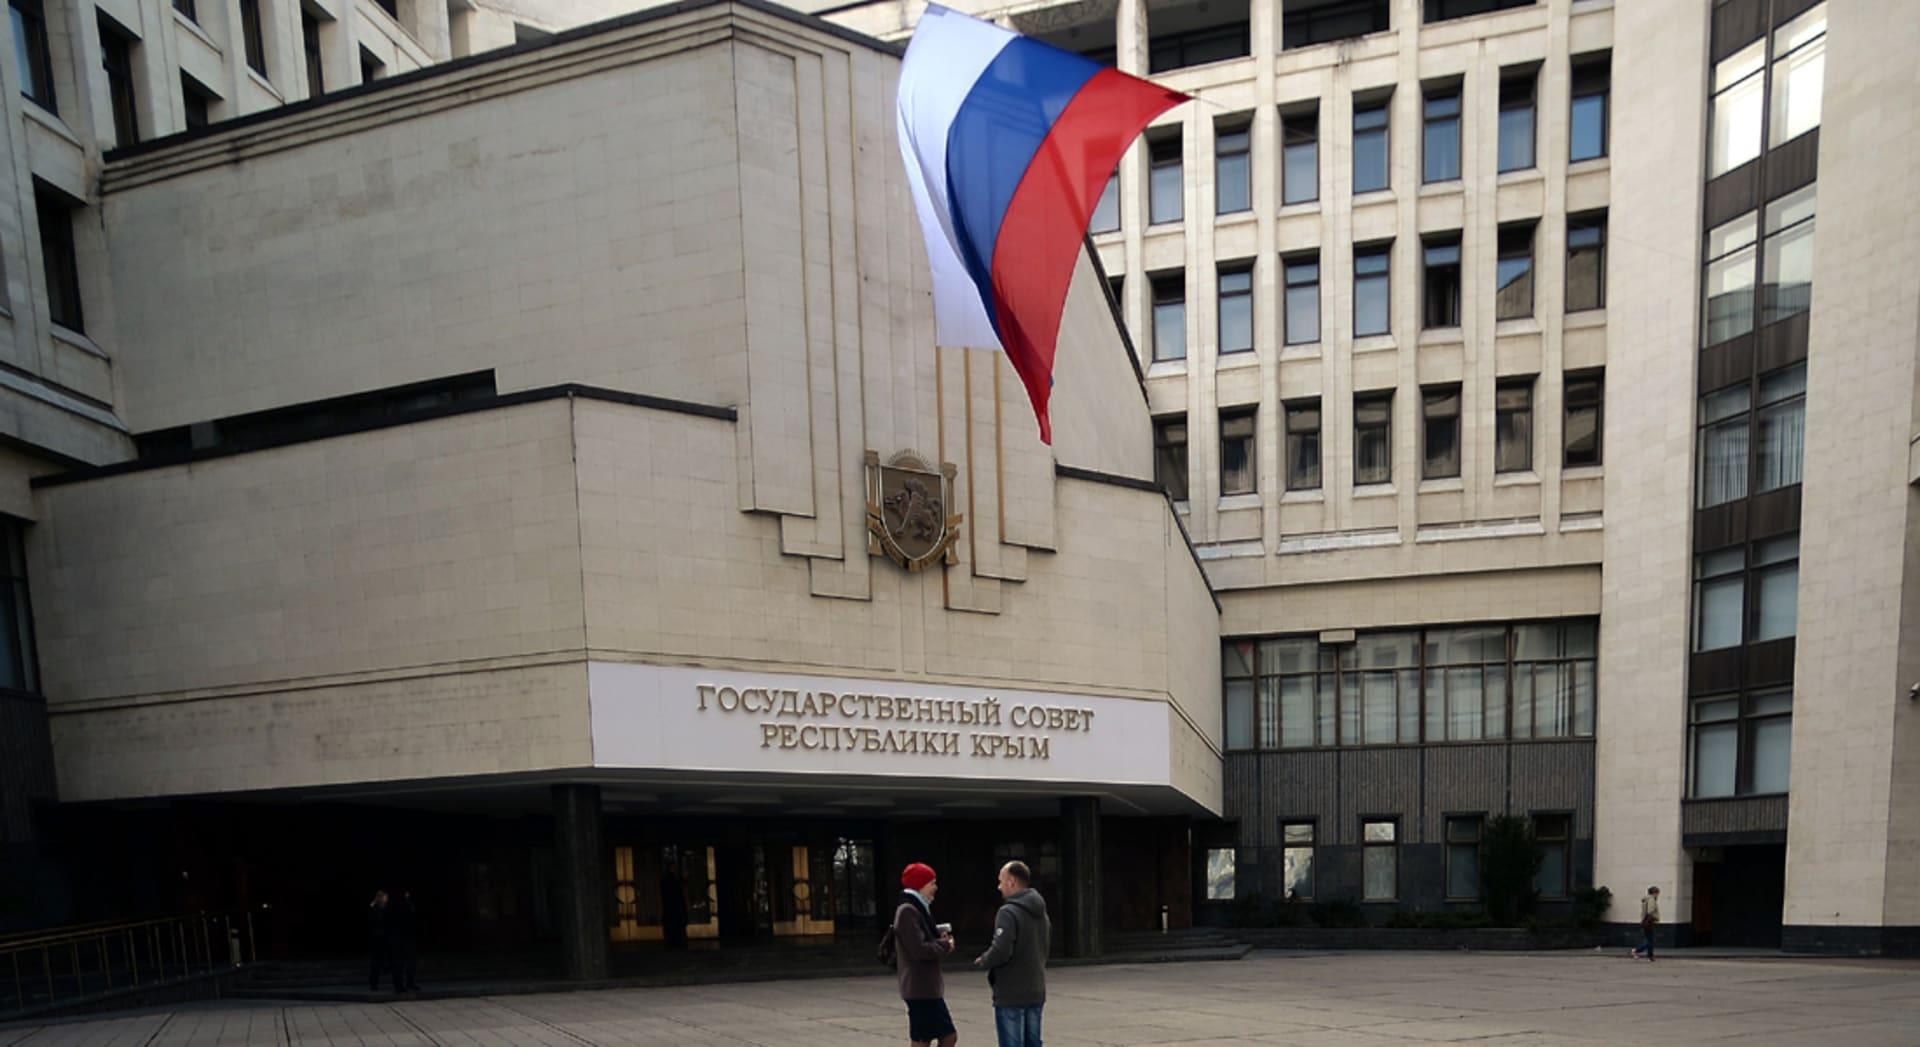 حصري: عقوبات أوروبية جديدة تشمل 12 شخصية روسية بينهم نائب رئيس الوزراء